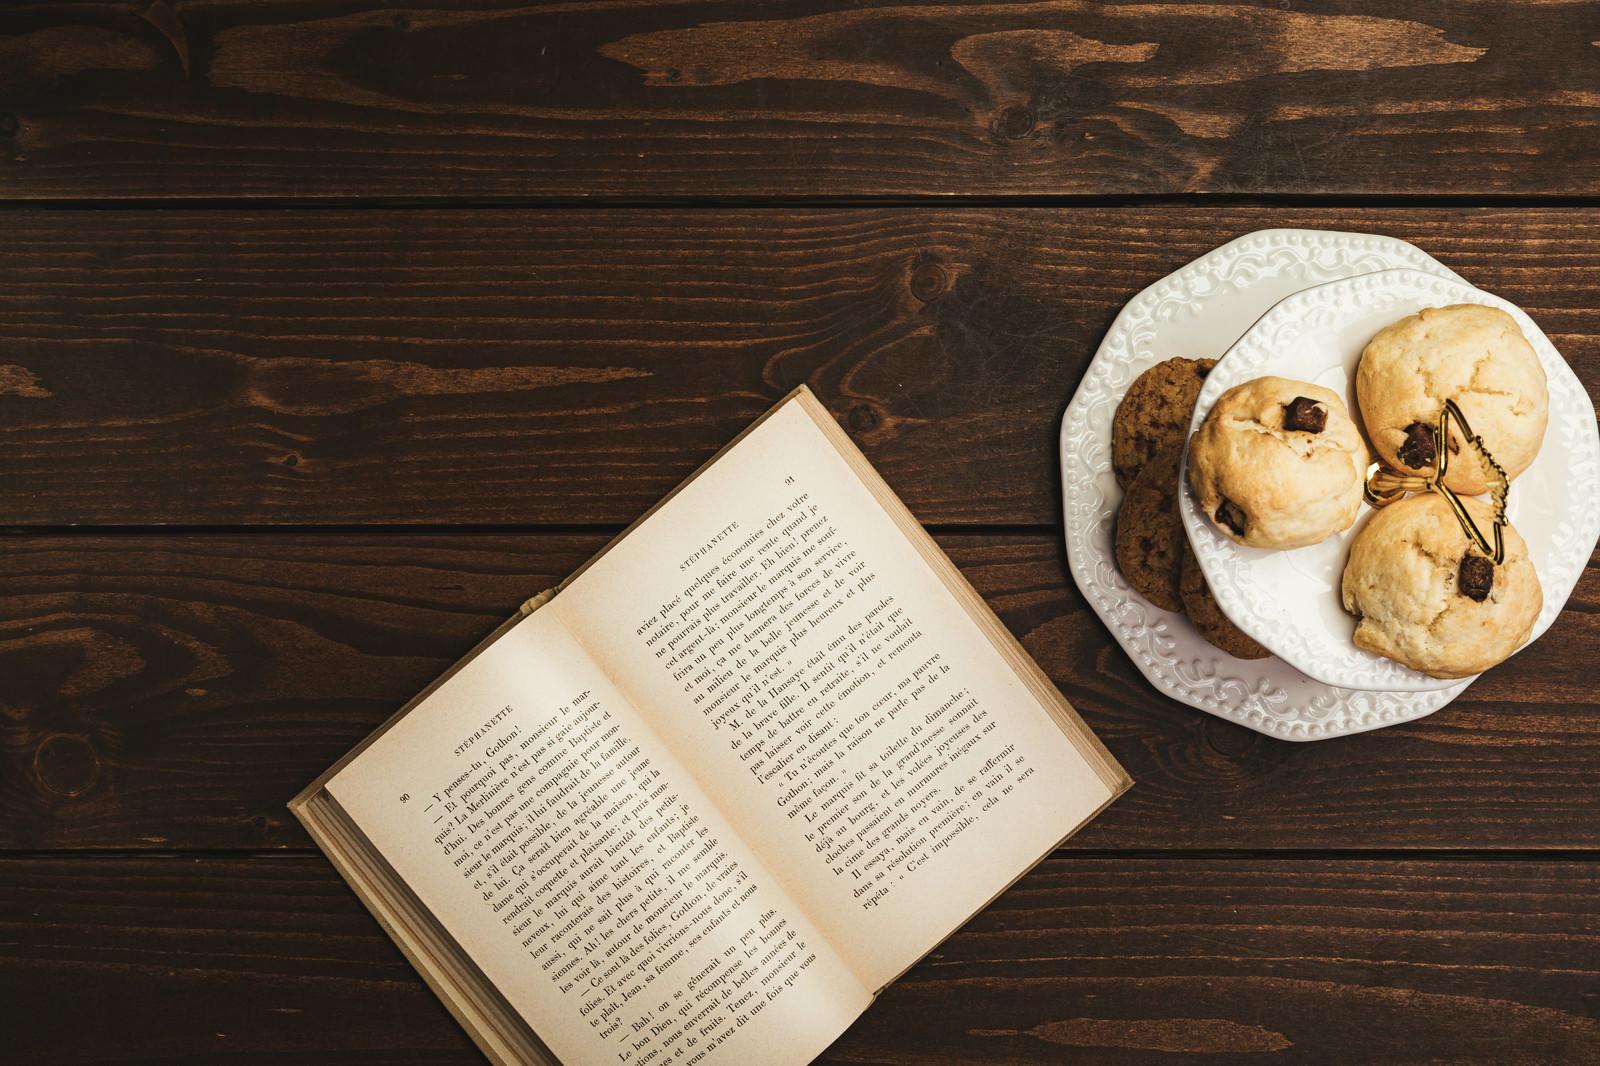 「卓上に置かれた読みかけの洋書とクッキー」の写真